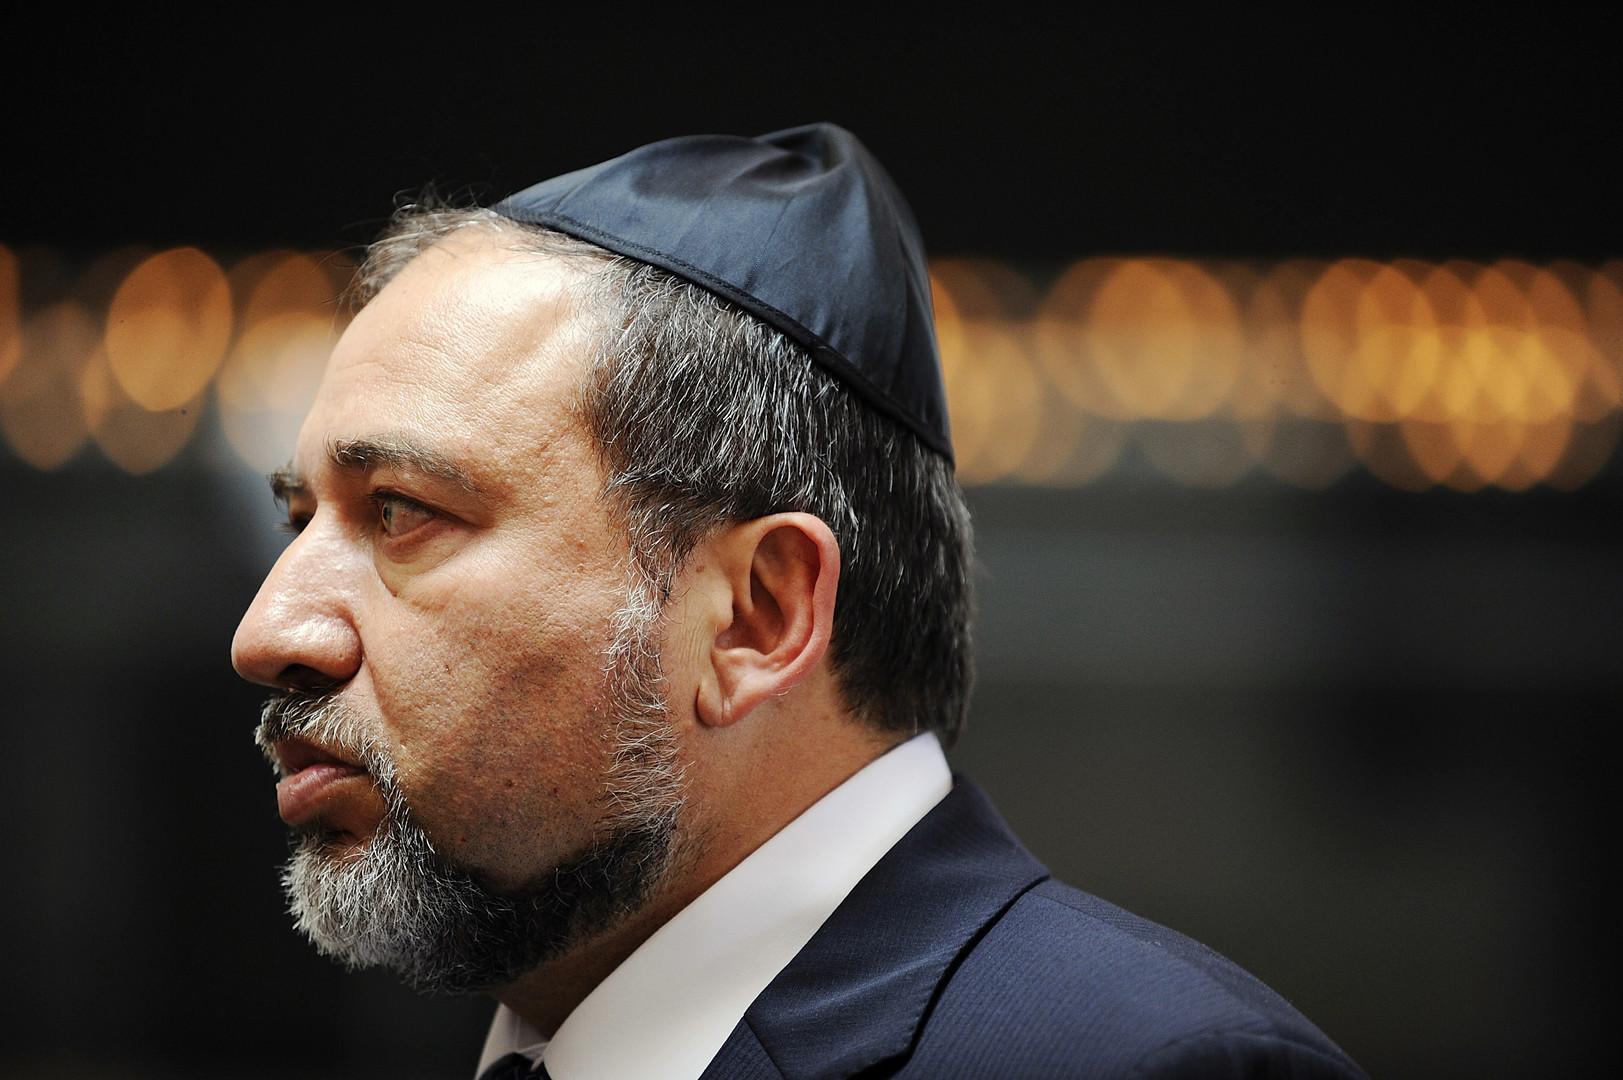 الإعلام الإسرائيلي: حكومة نتنياهو المقبلة قد تضم ليبرمان